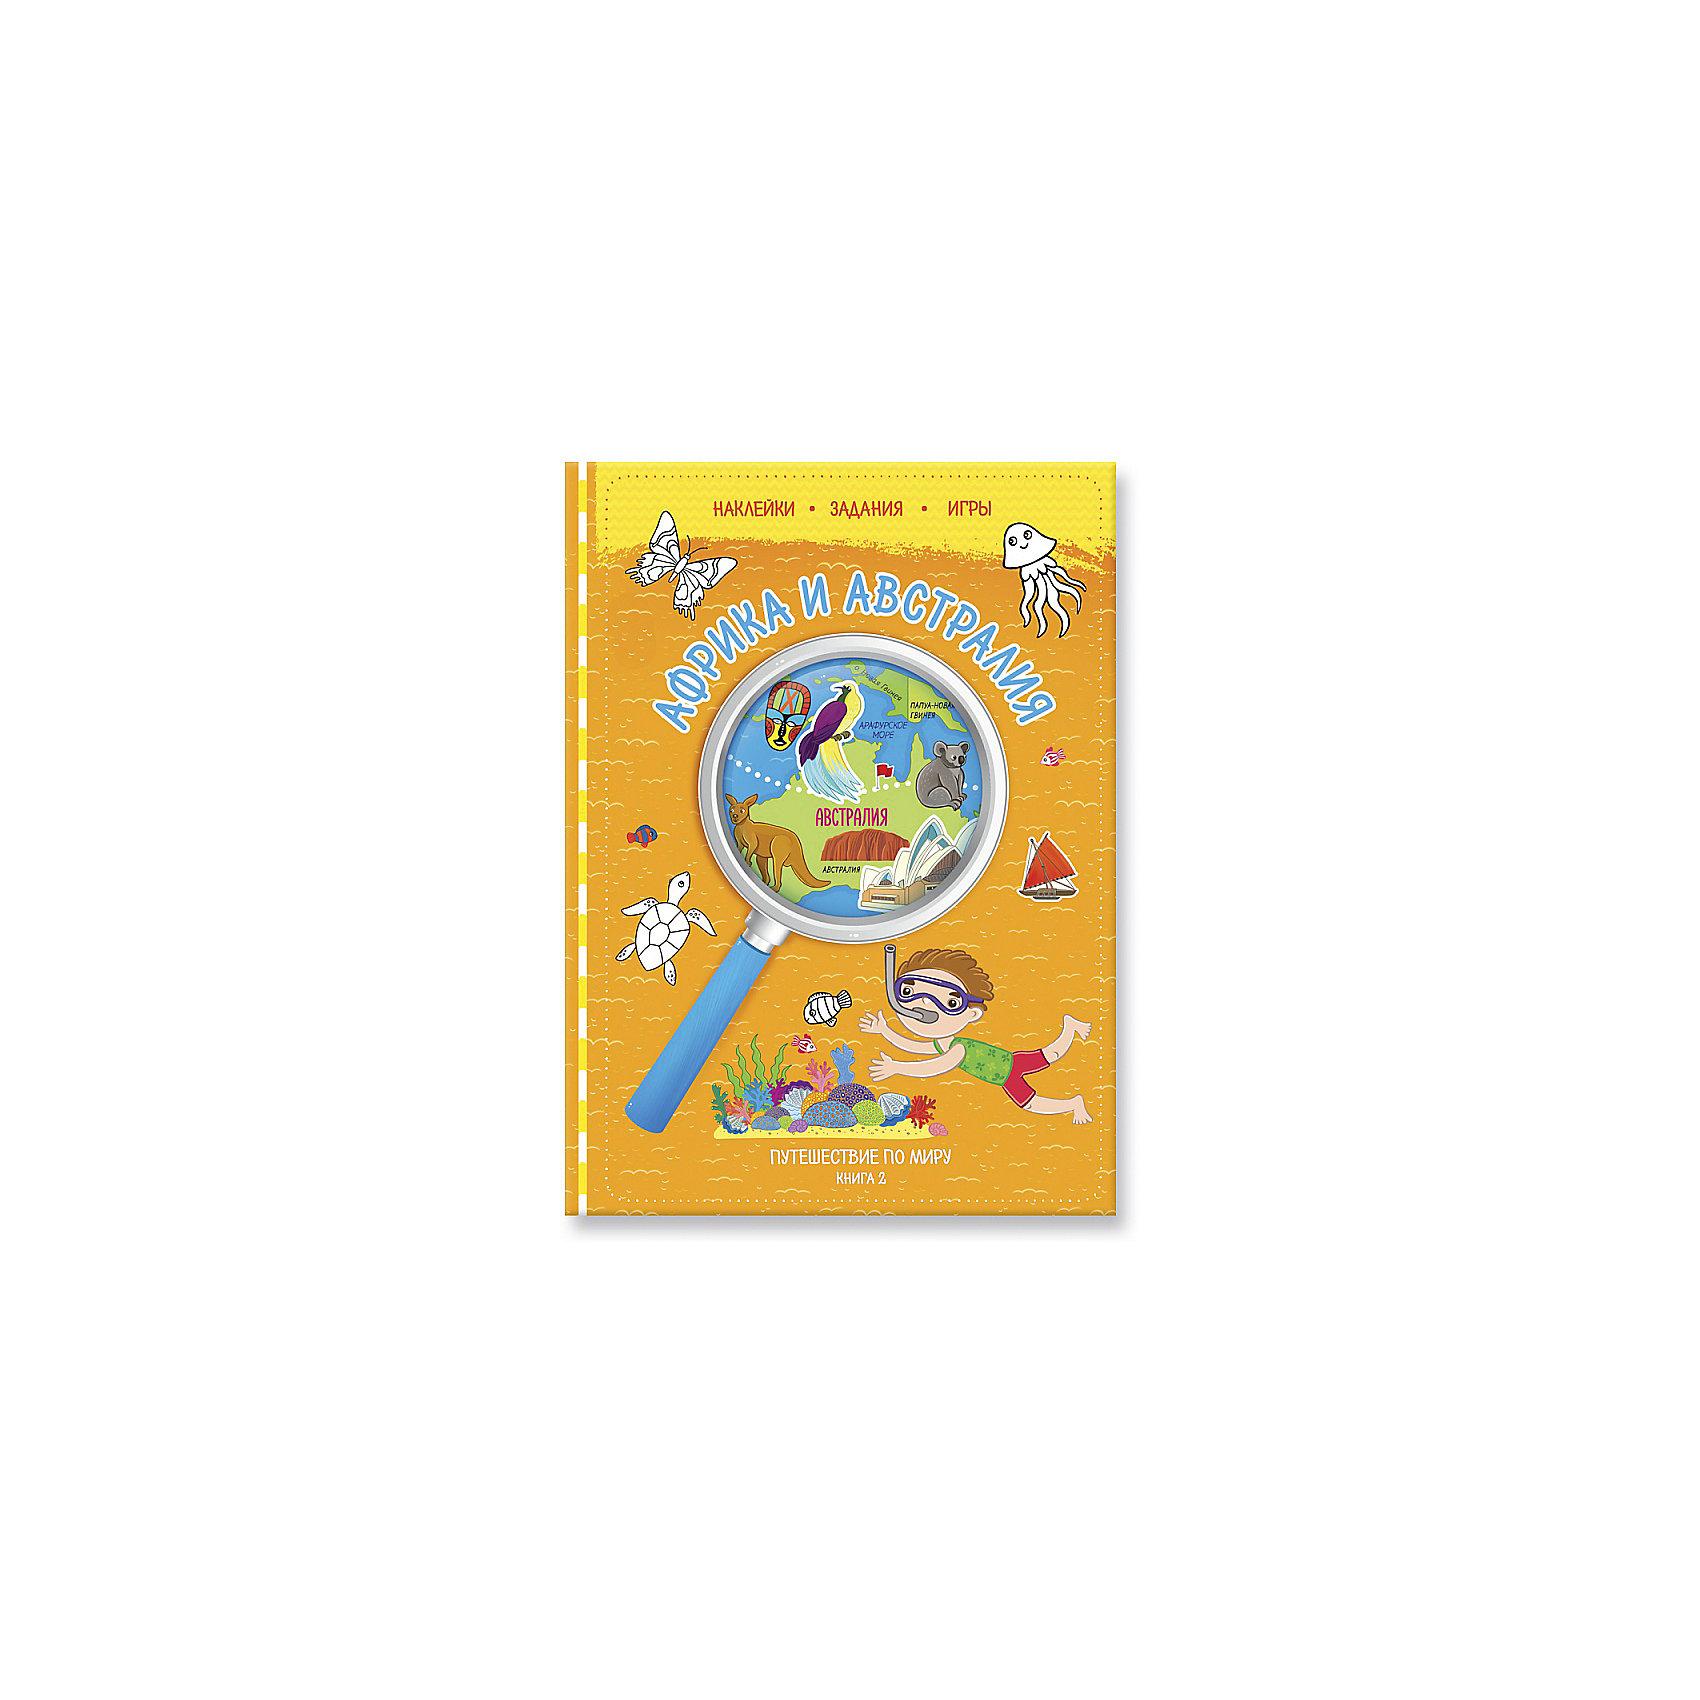 Книга 2 Африка и Австралия с наклейками, Путешествуй по мируЭнциклопедии<br>Это вторая книга из новой серии «Путешествуй по миру».<br>Яркие иллюстрации, познавательные факты, интересные задания, мини-игры и наклейки помогут деткам исследовать удивительную Африку и далёкую Австралию. Мягкий переплет.<br><br>Ширина мм: 210<br>Глубина мм: 287<br>Высота мм: 5<br>Вес г: 102<br>Возраст от месяцев: 72<br>Возраст до месяцев: 108<br>Пол: Унисекс<br>Возраст: Детский<br>SKU: 5423033